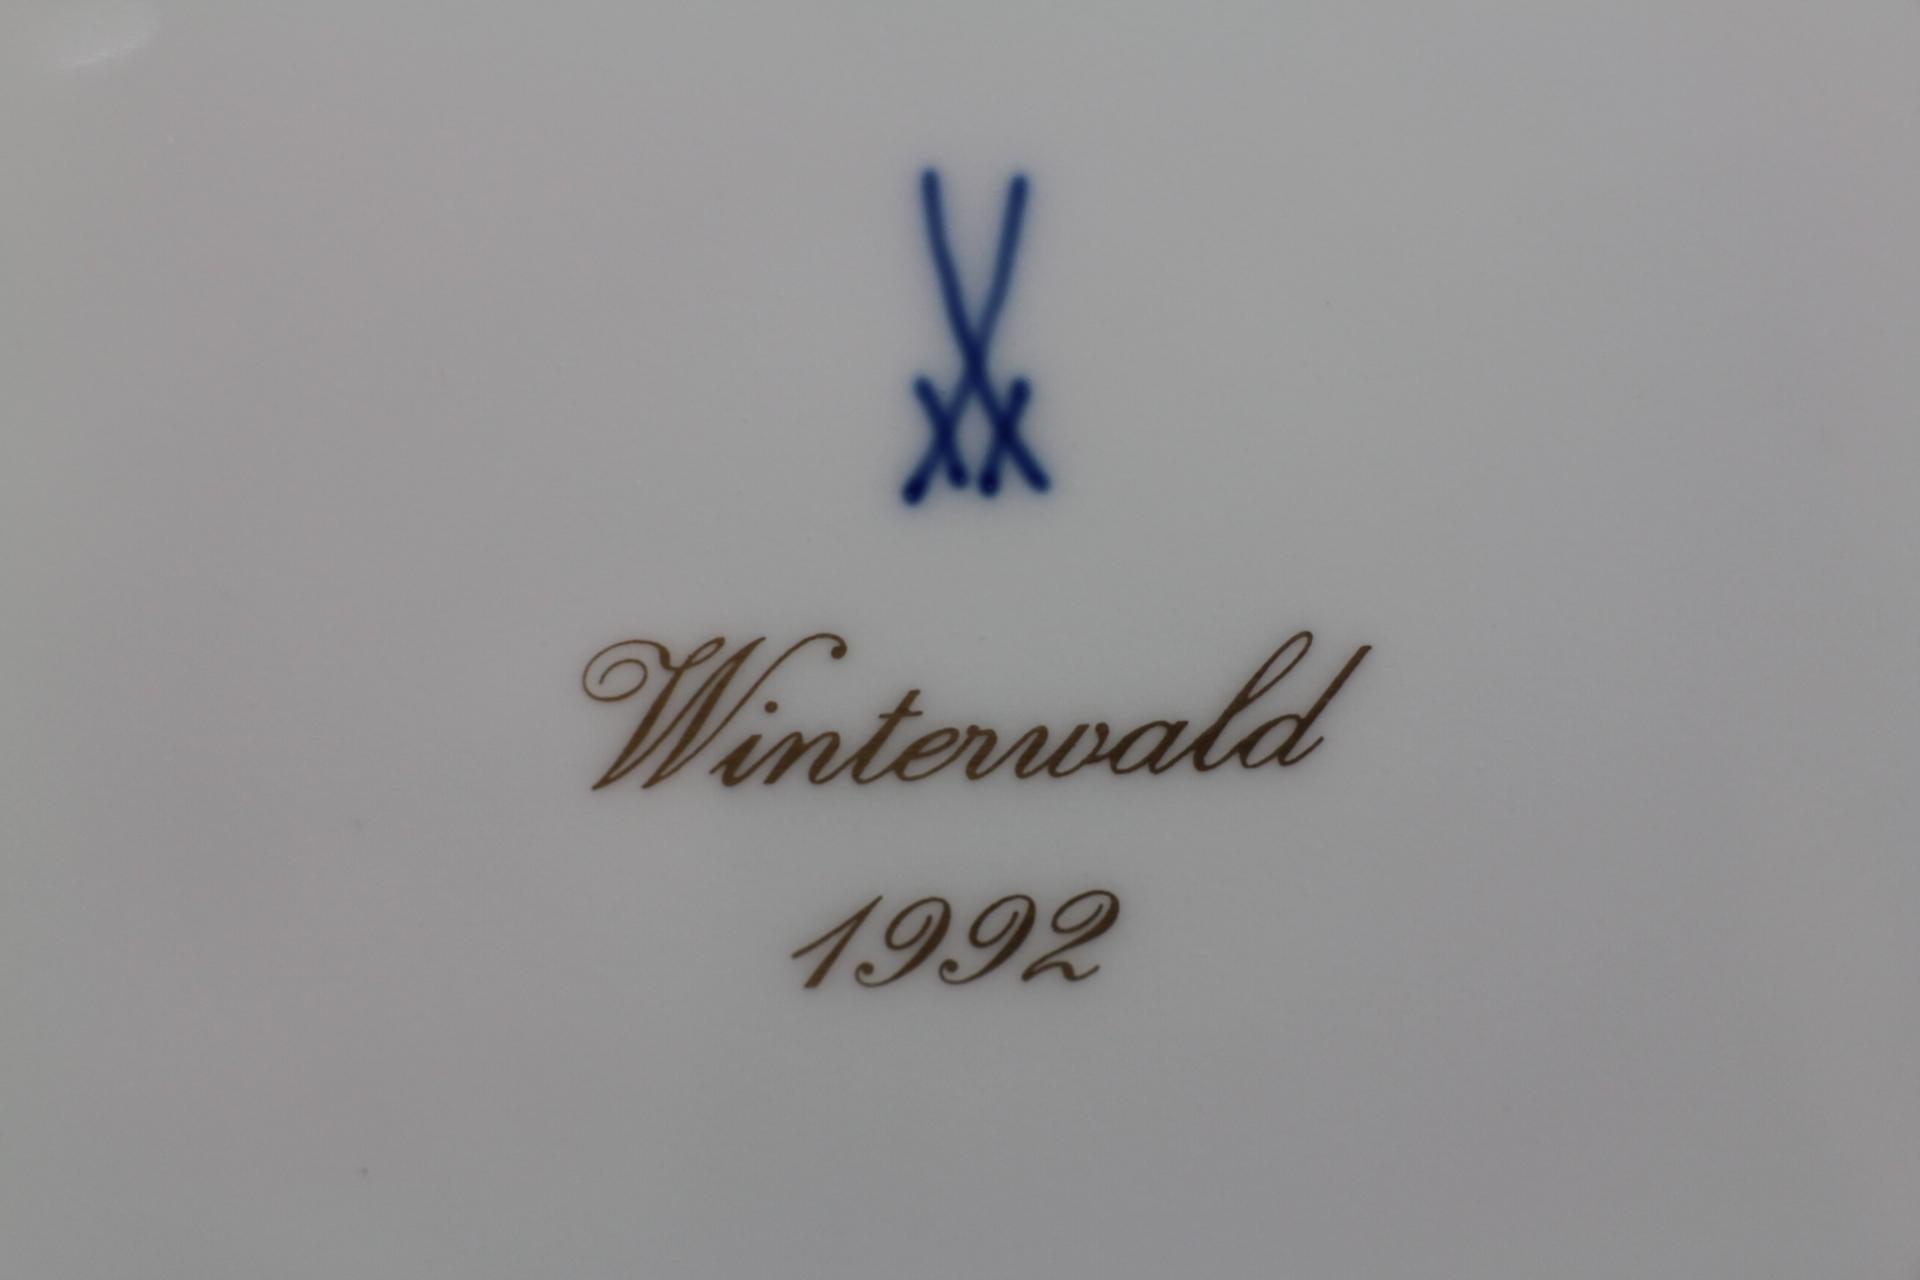 マイセン イヤープレート 1992年 冬の森4